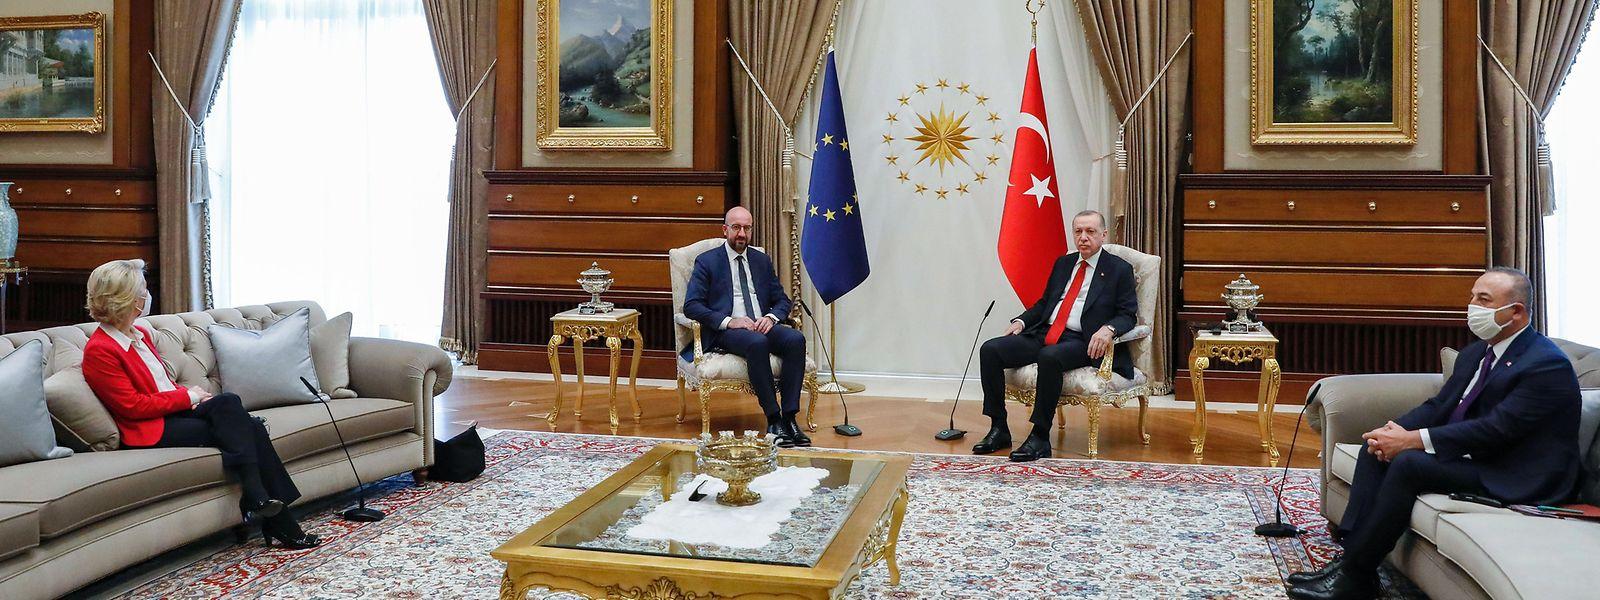 Der türkische Präsident Recep Tayyip Erdogan (2.v.r) und der türkische Außenminister Mevlut Cavusoglu (r) während eines Treffens mit EU-Kommissionspräsidentin Ursula von der Leyen (l) und EU-Ratspräsident Charles Michel. Michel saß auf Augenhöhe neben Erdogan, während von der Leyen in einiger Entfernung auf dem Sofa saß.